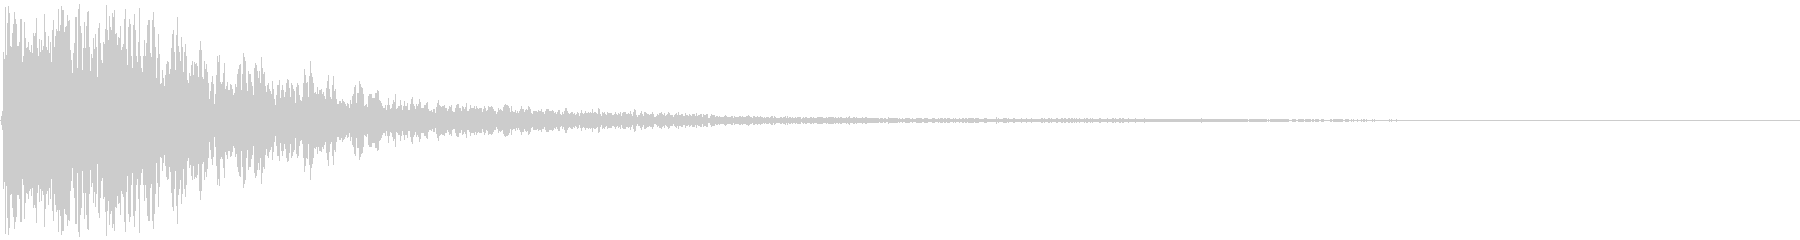 【映画演出】衝撃音 ドーンッ・・・・の未再生の波形